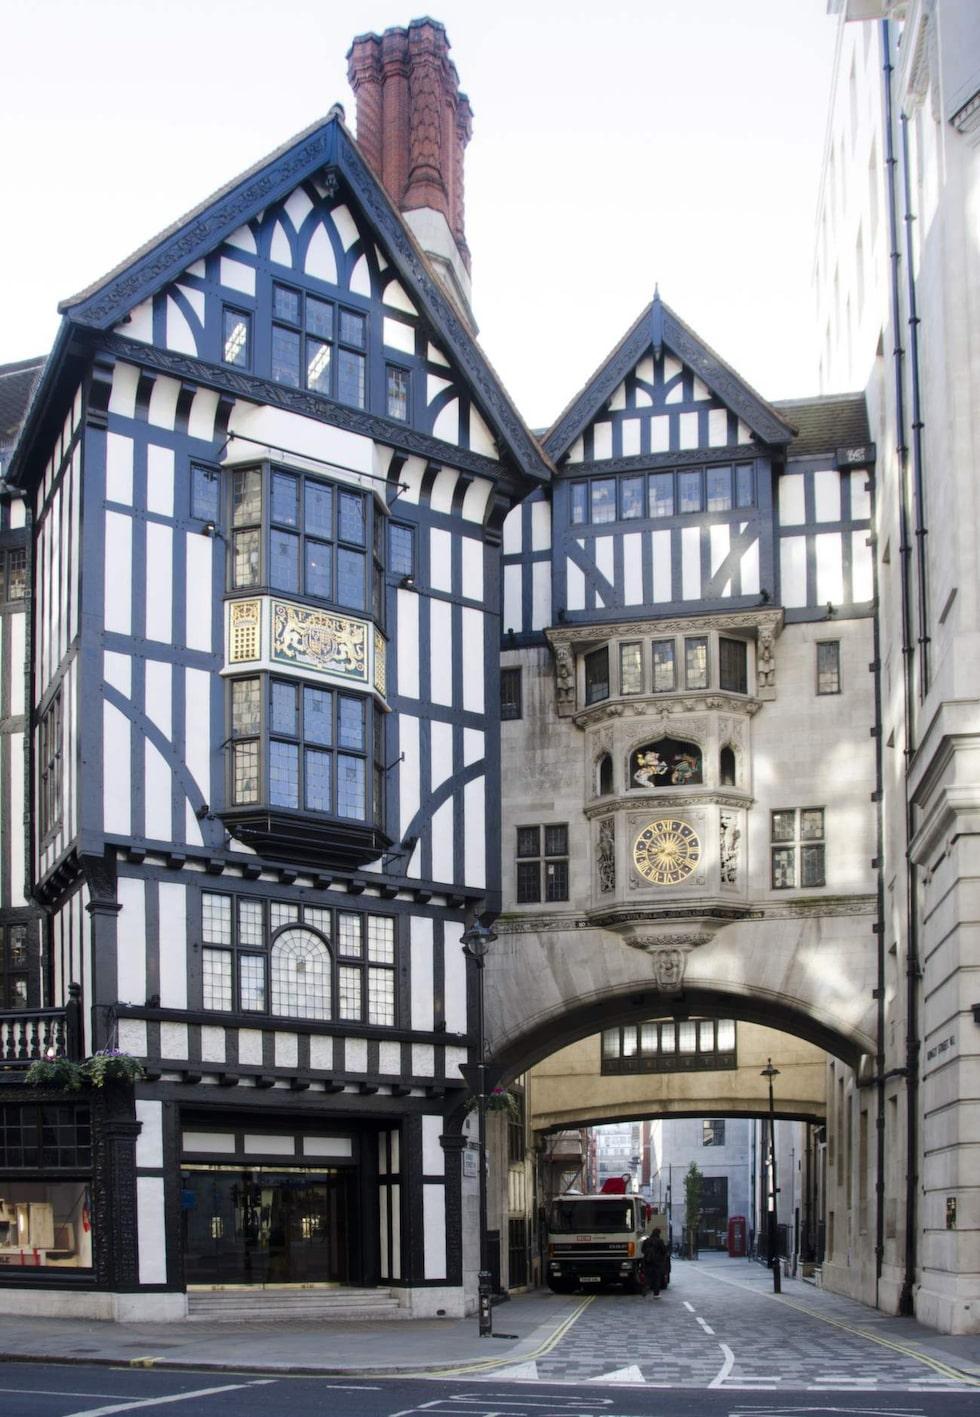 Liberty ligger i en gammal byggnad i tudor-stil.